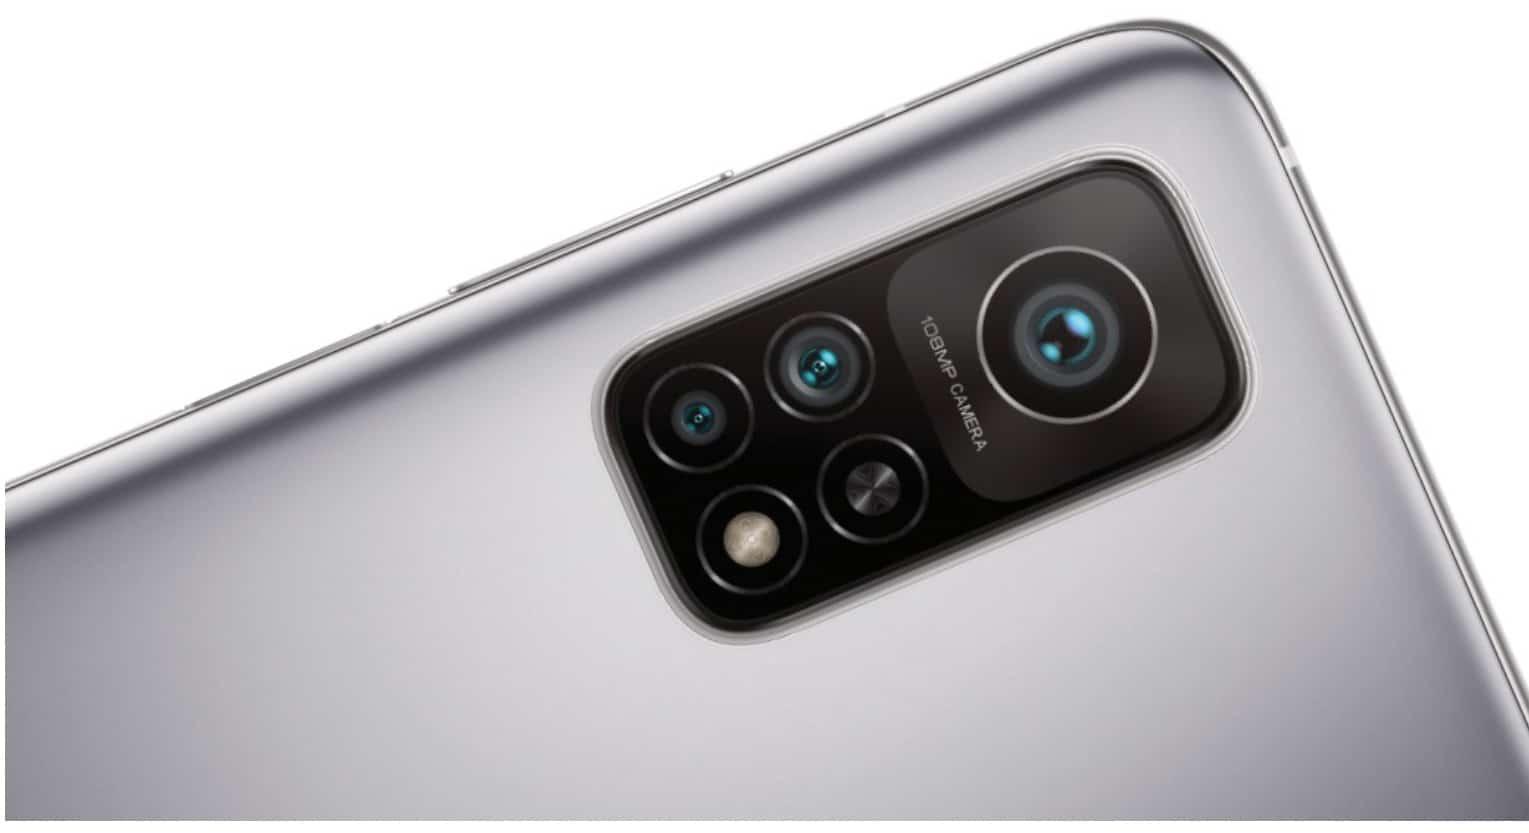 2020 10 01 10 16 17 Xiaomi Mi 10T Pro  Mit 144 Hz  108 MP Kamera   Besser als das Mi 10